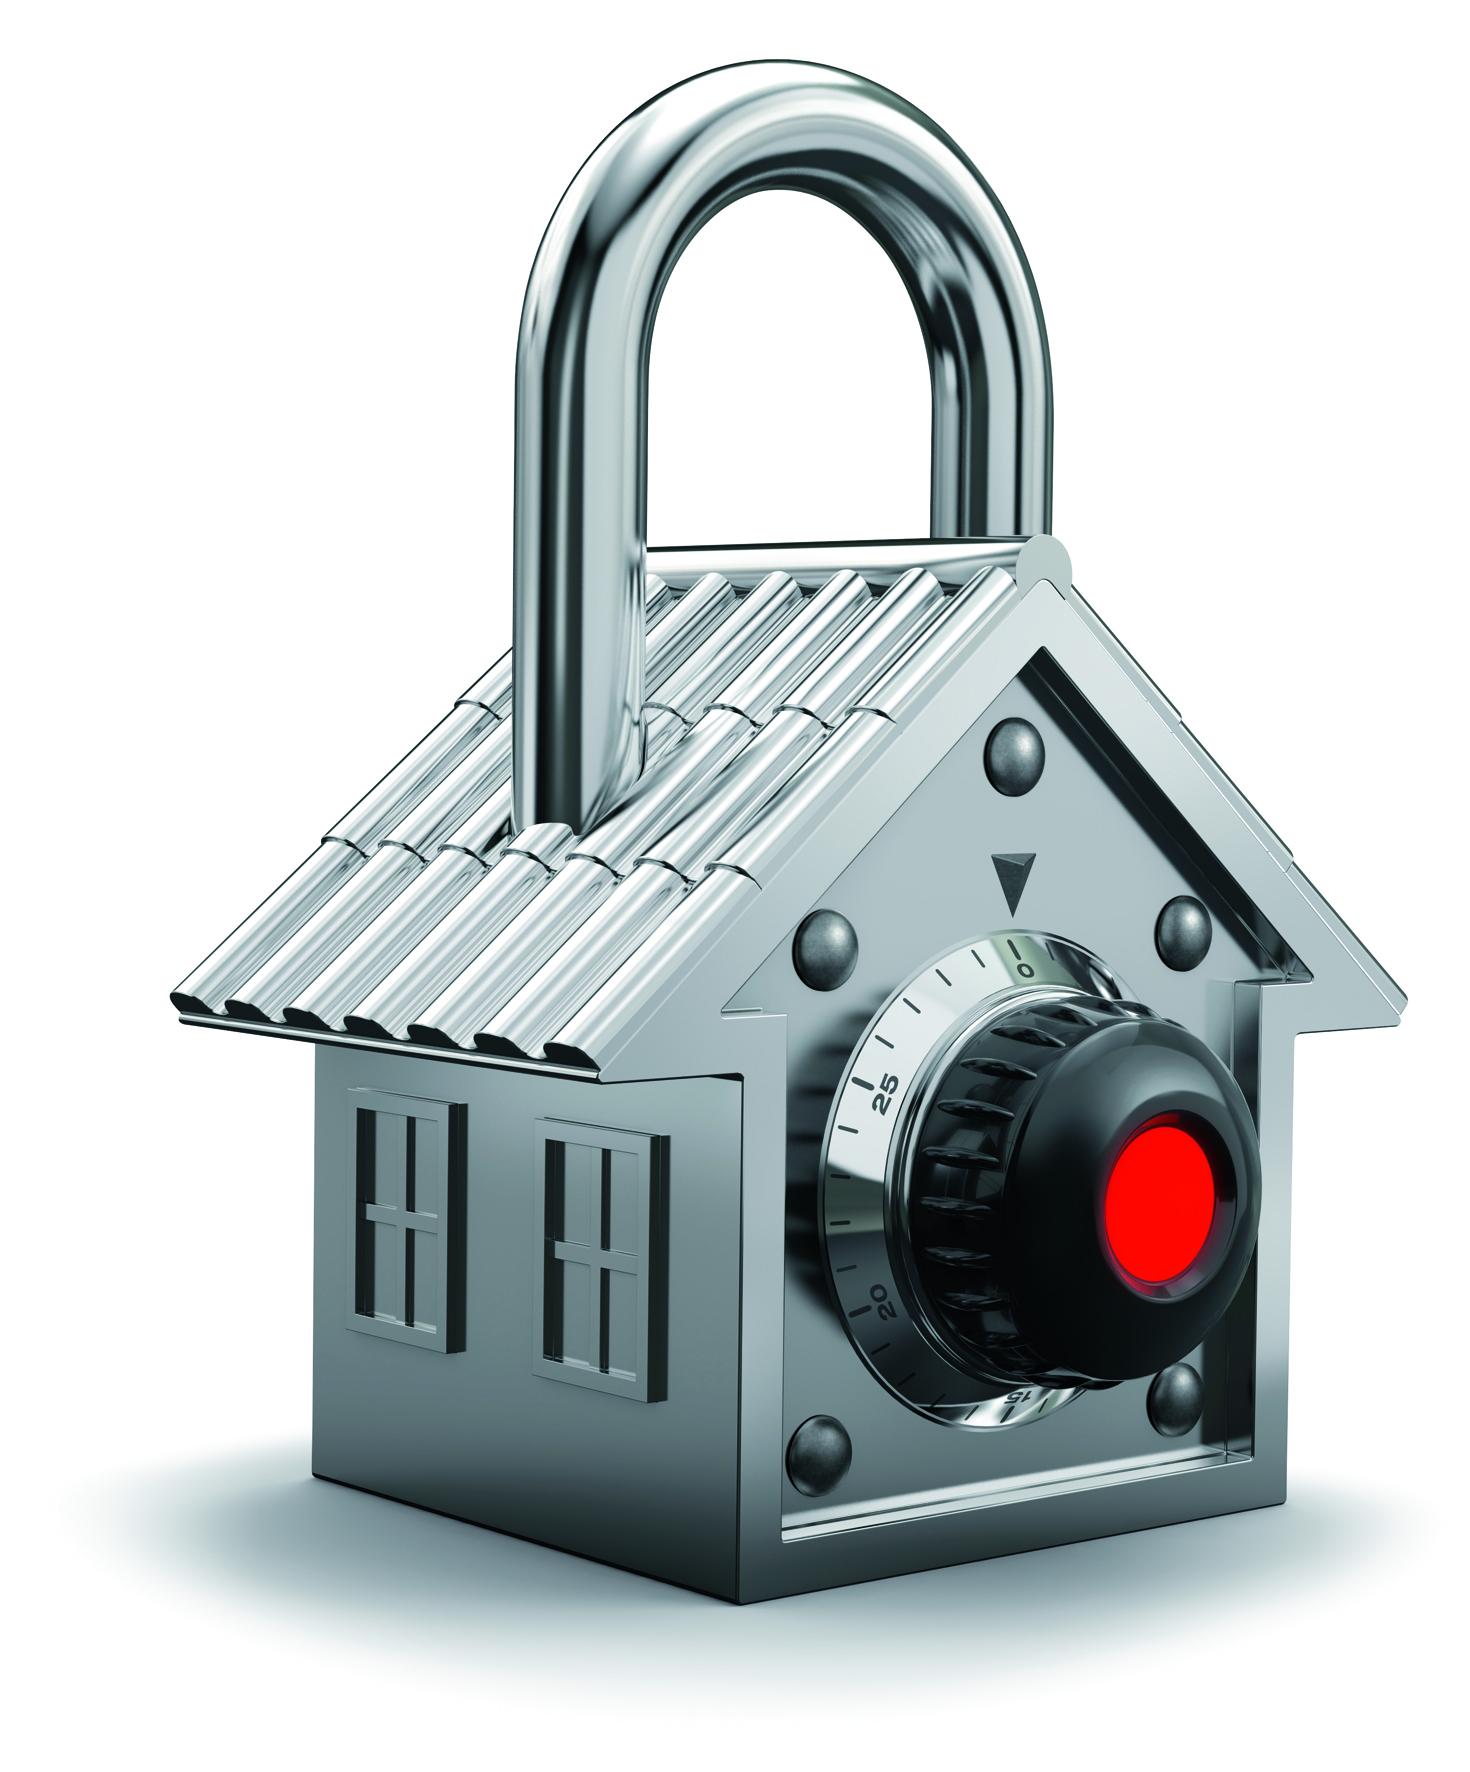 Promozione Sicurezza Garantita